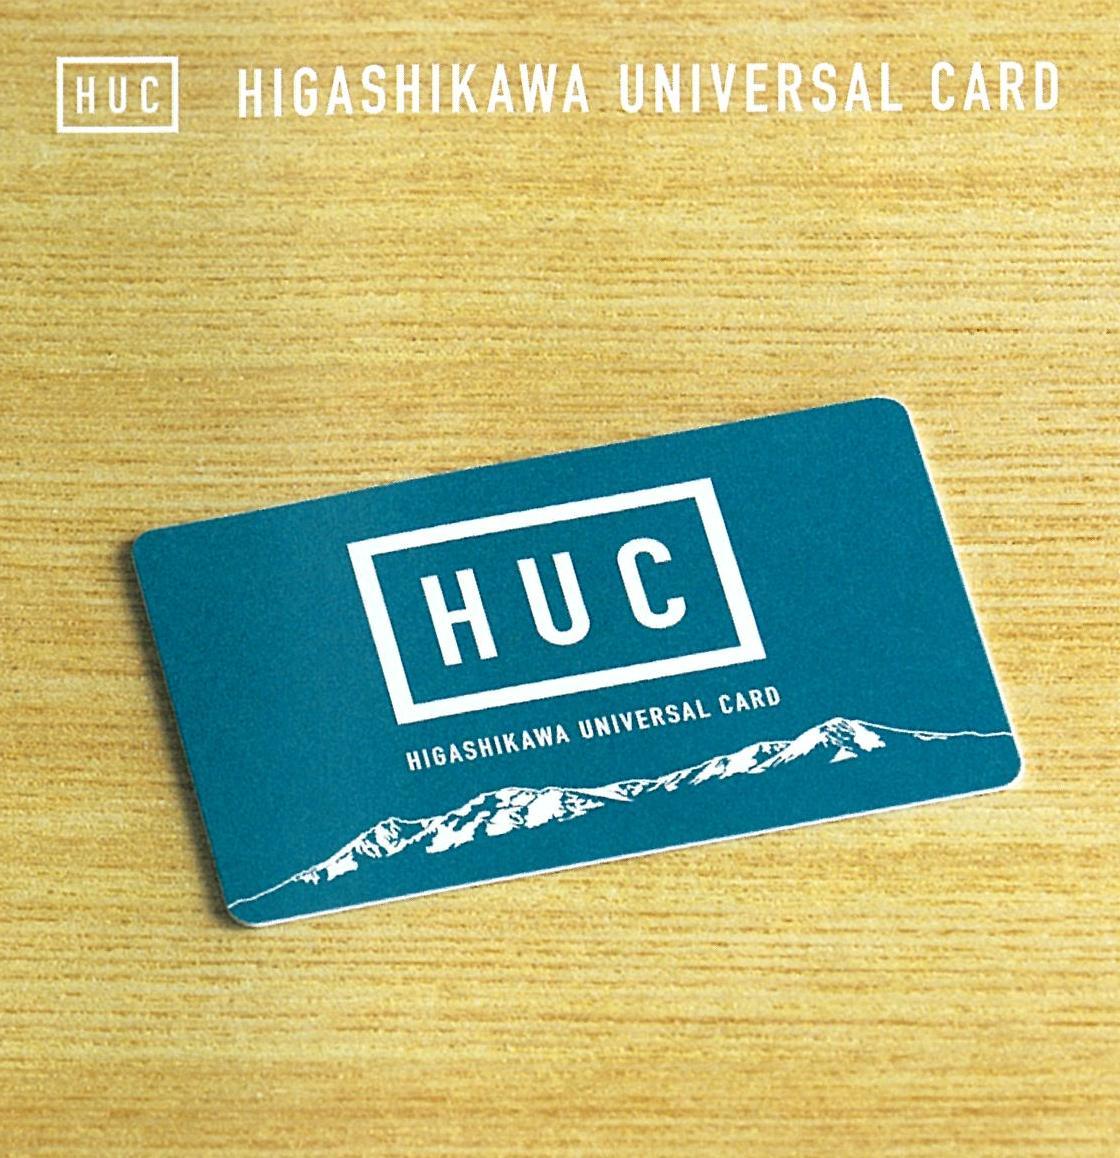 北海道東川町新生活支援制度 -HUC東川萬用卡